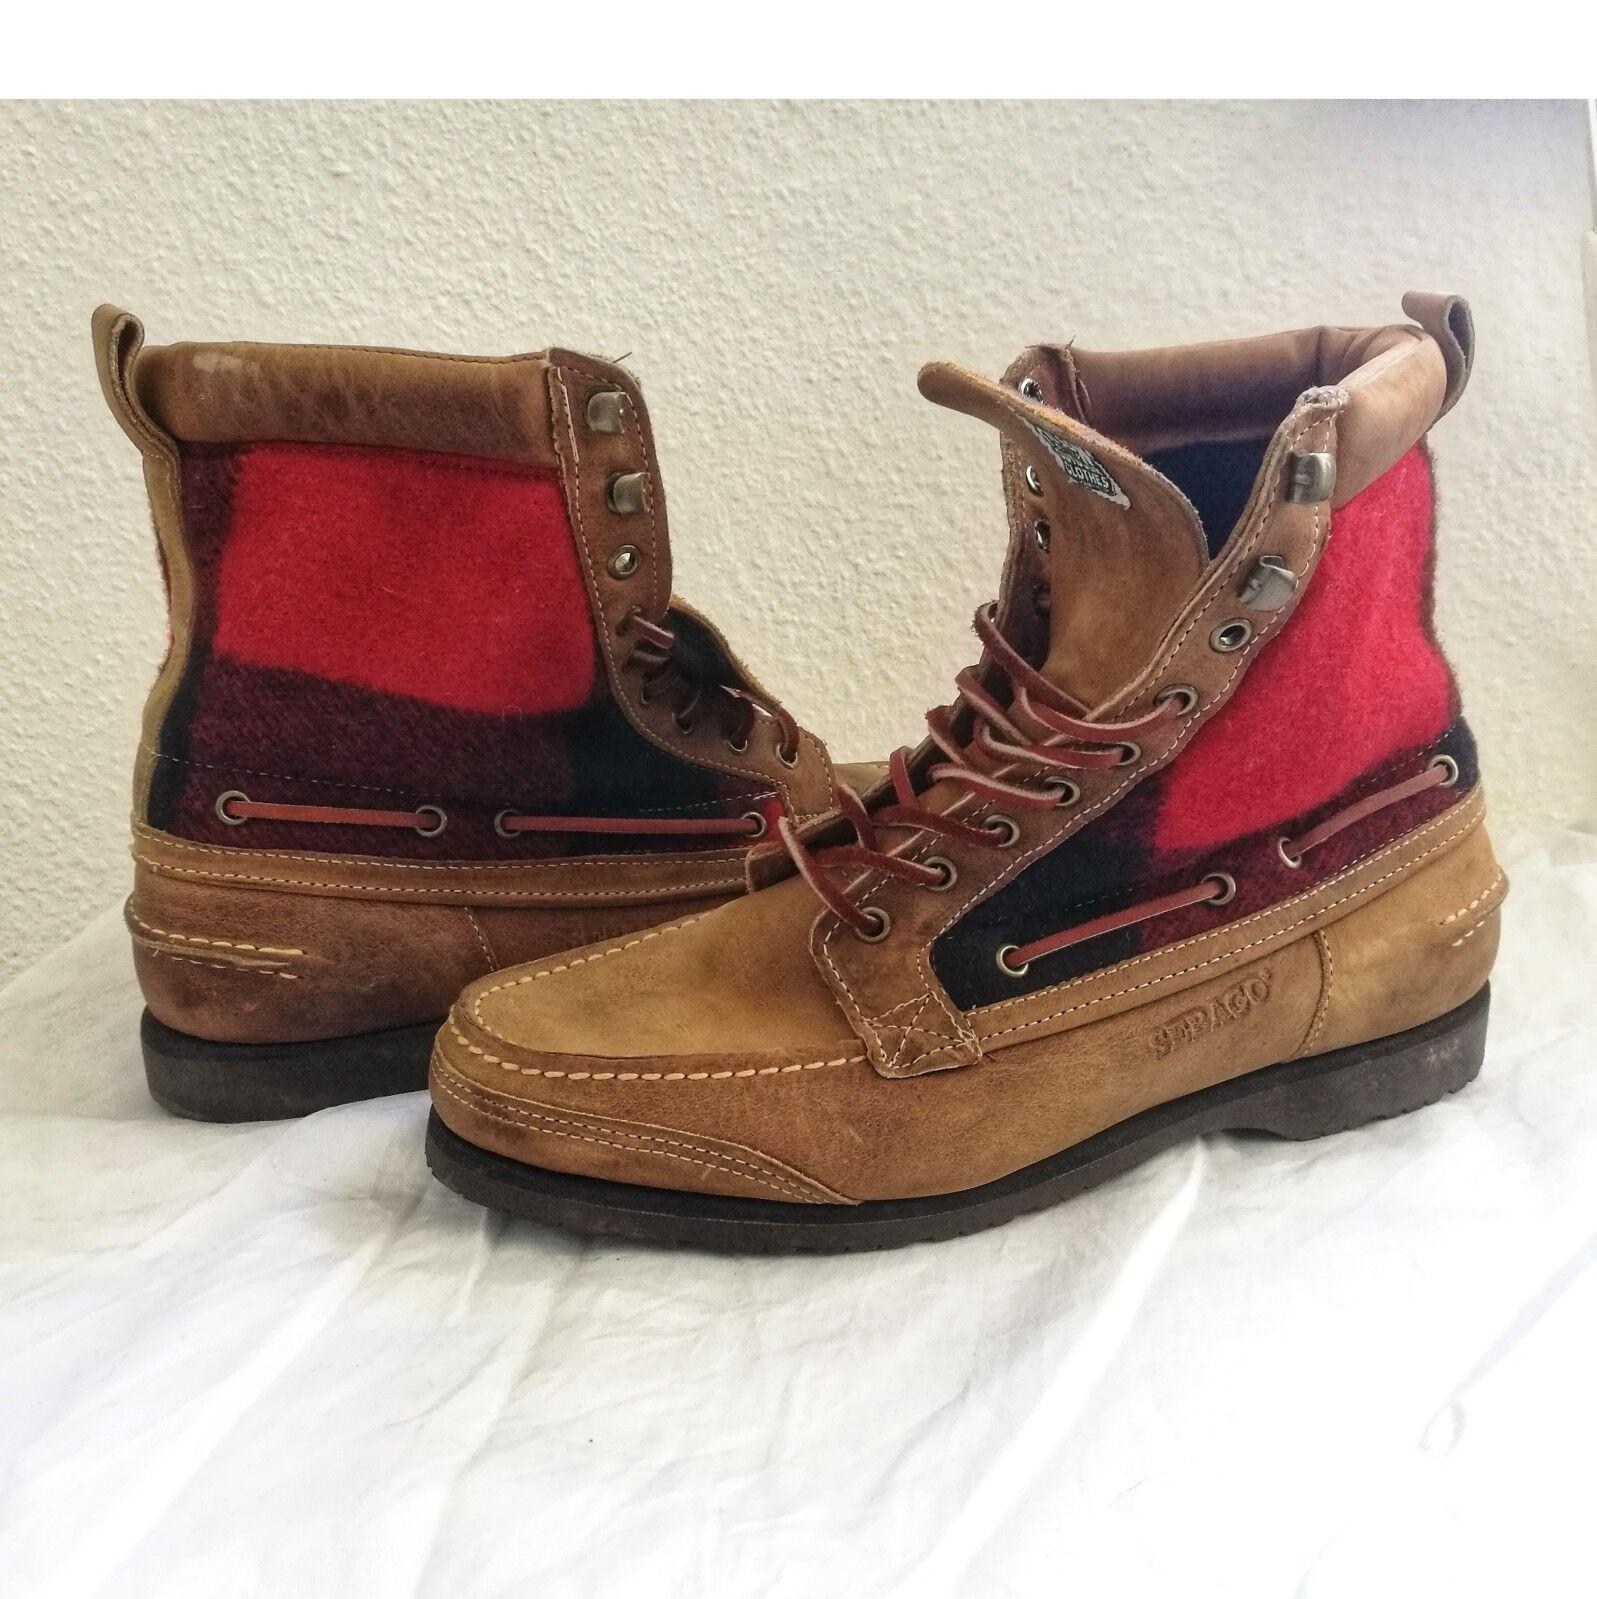 Sebago Boots Schuhe Braun, Rot aus echtem Leder & Stoff. EU 44